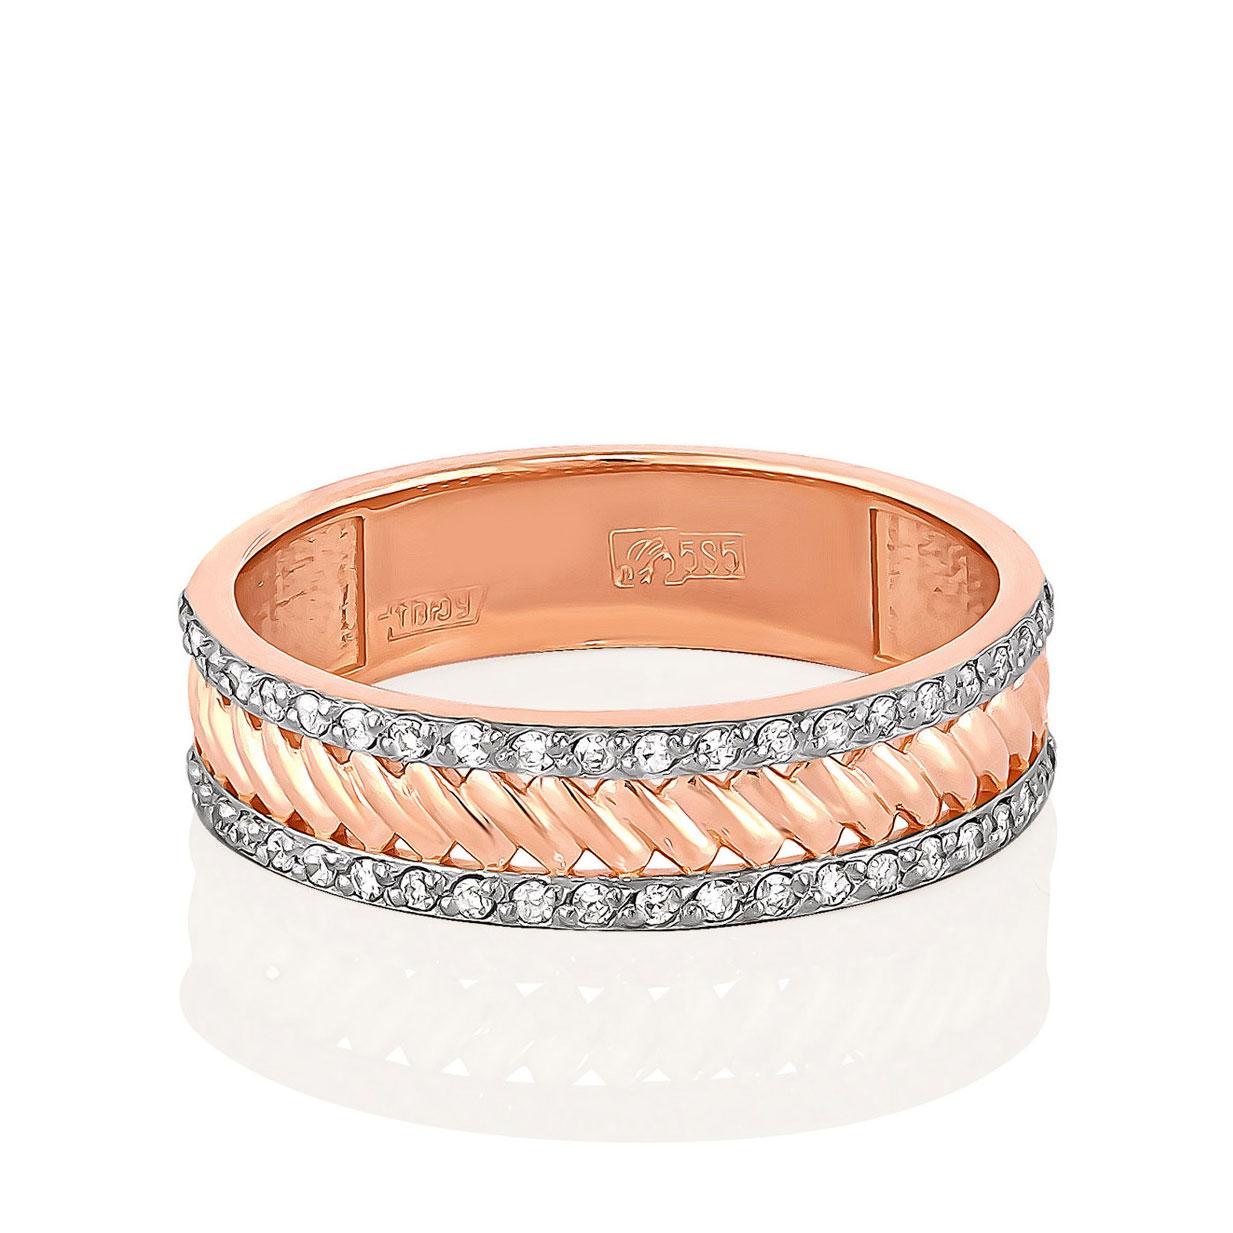 Обручальное кольцо из золота с бриллиантом арт. 1-0419-1000 1-0419-1000